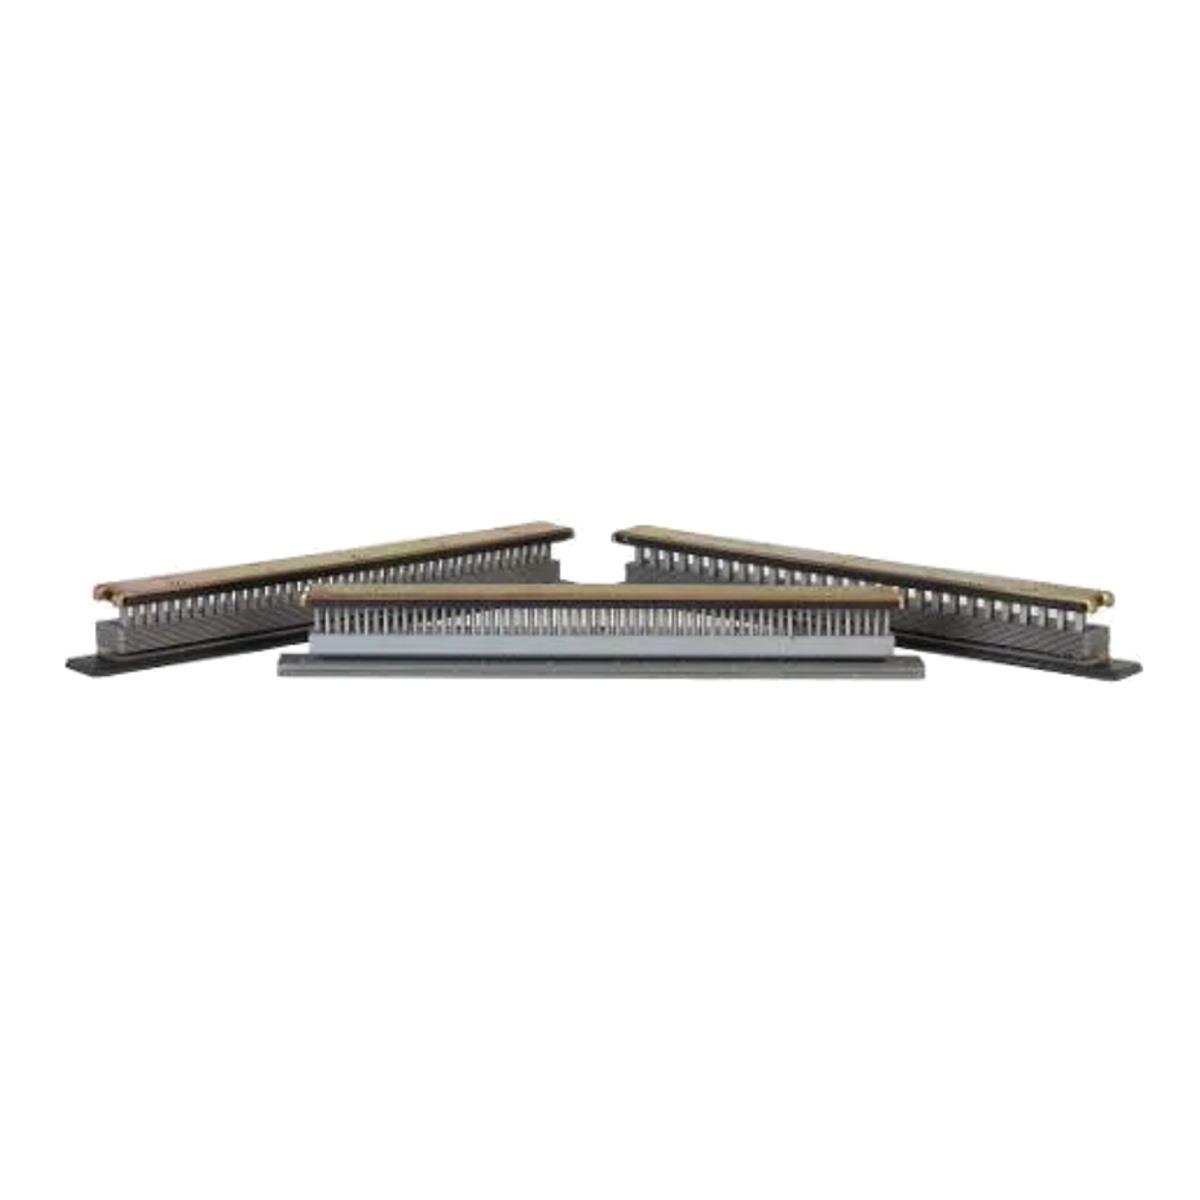 Pente para Encadernadora El20 - 2x1 Furo Quadrado 5,4 mm